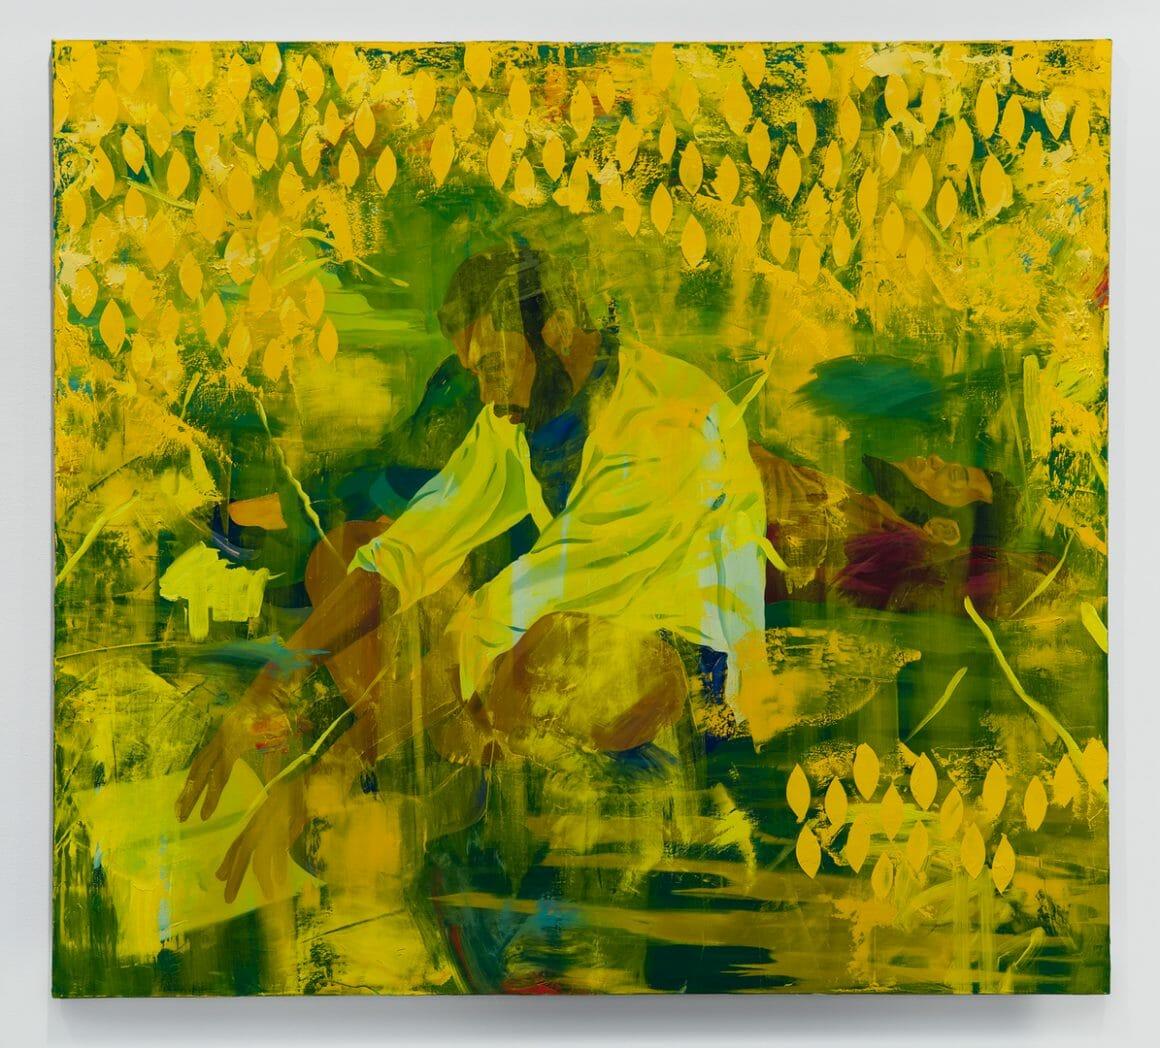 Peinture de Dominic Chambers. Un homme noir est assis en tailleur, un livre en main. Un autre derrière est allongé, la main sur le coeur et l'autre bras sous la tête. Les deux sont sur une étendue d'herbe, et un rideau de goutes jaune les entoure.